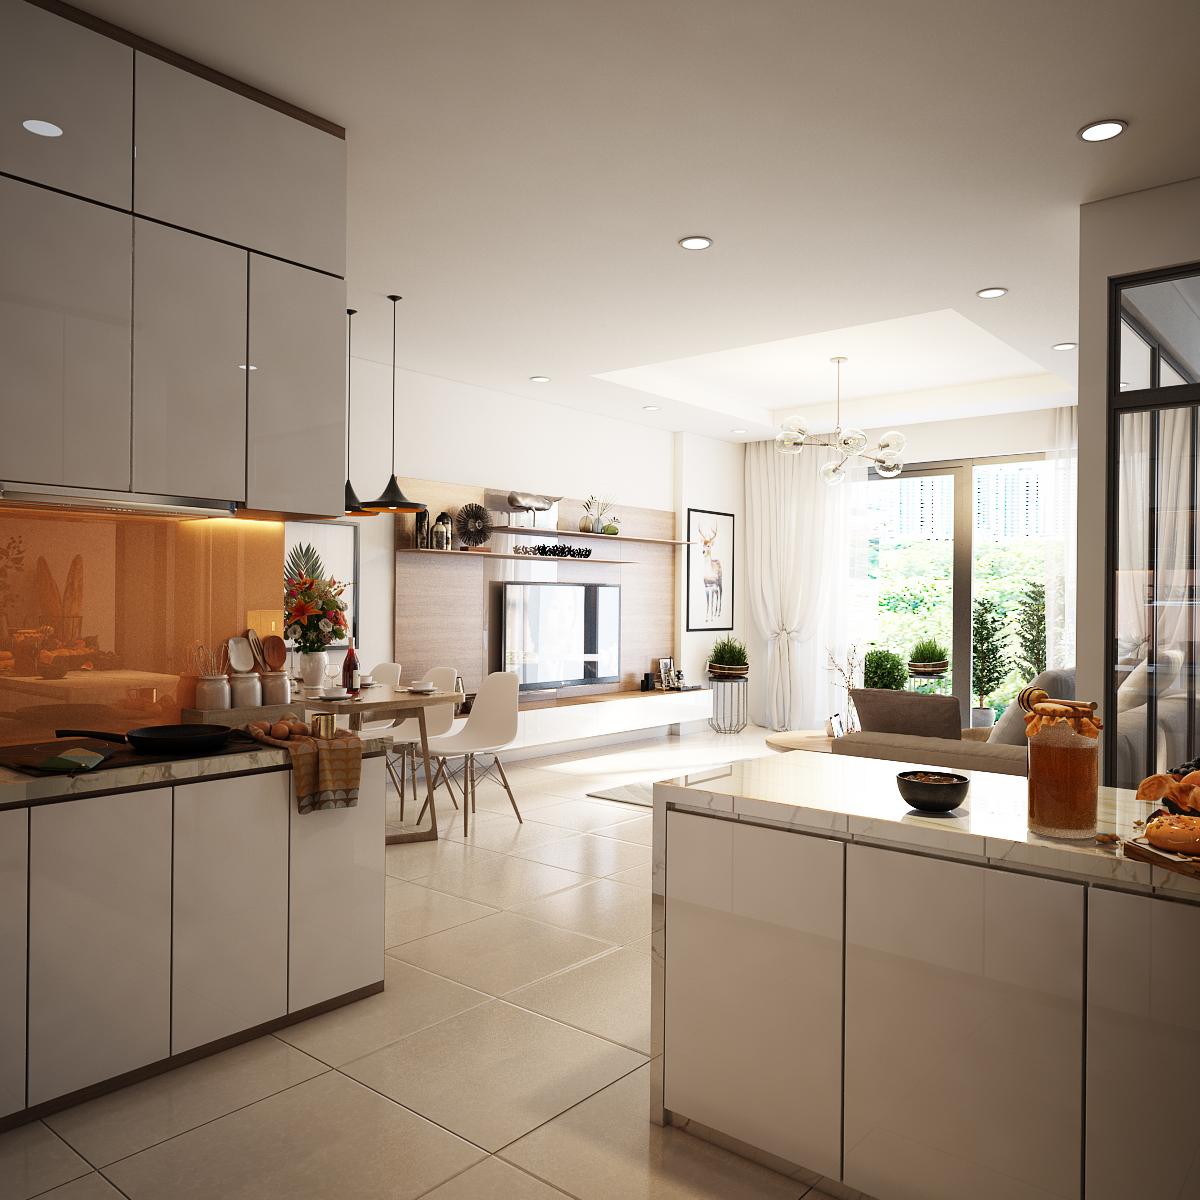 Tủ Bếp Acrylic Đẹp Giá Rẻ Thủ Đức   Thi Công Nội Thất Phòng Bếp